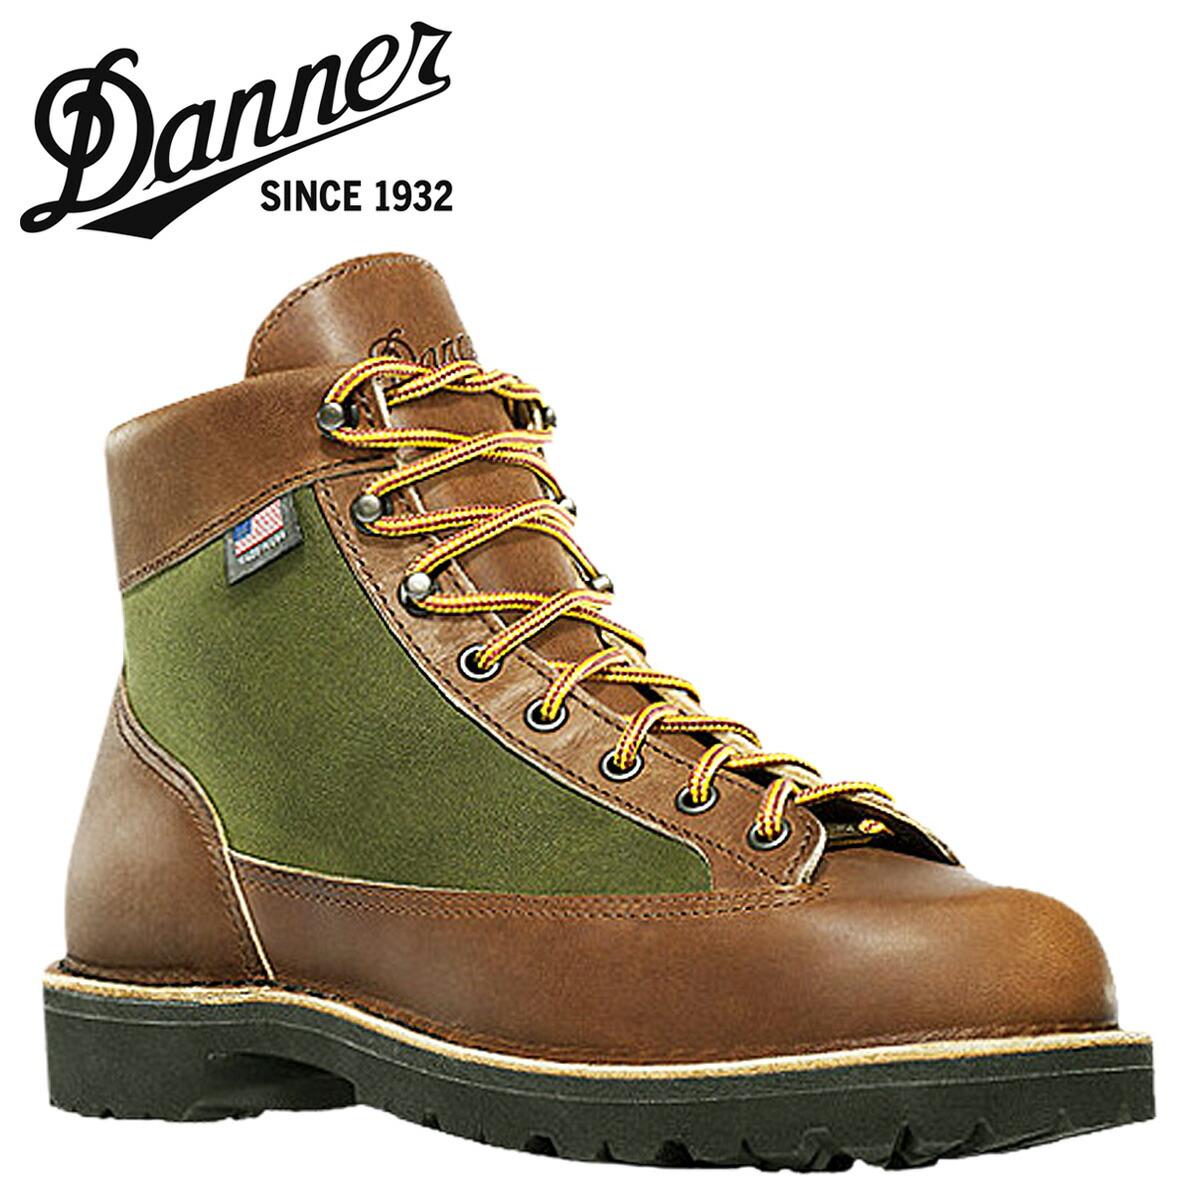 Allsports Danner Danner Dana Light Timber 30449 Danner